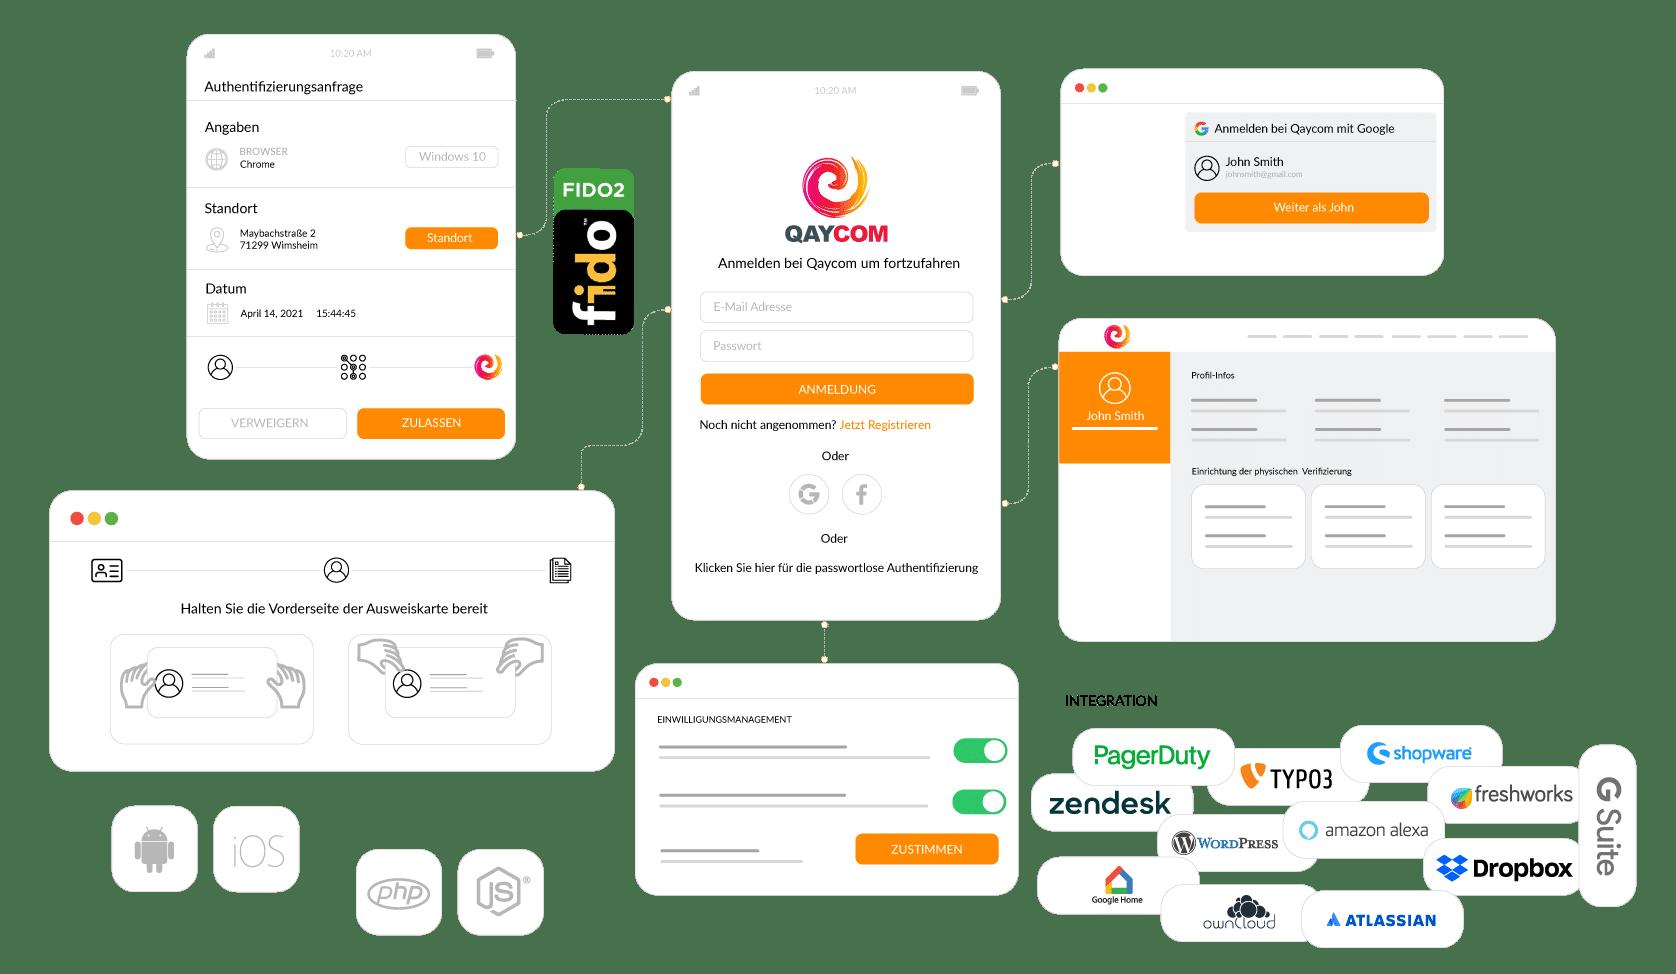 Die cidaas Identity Plattform mit Single Sign On (SSO), Multi-Faktor-Authentifizierung (MFA), Consent Management und AutoIdent